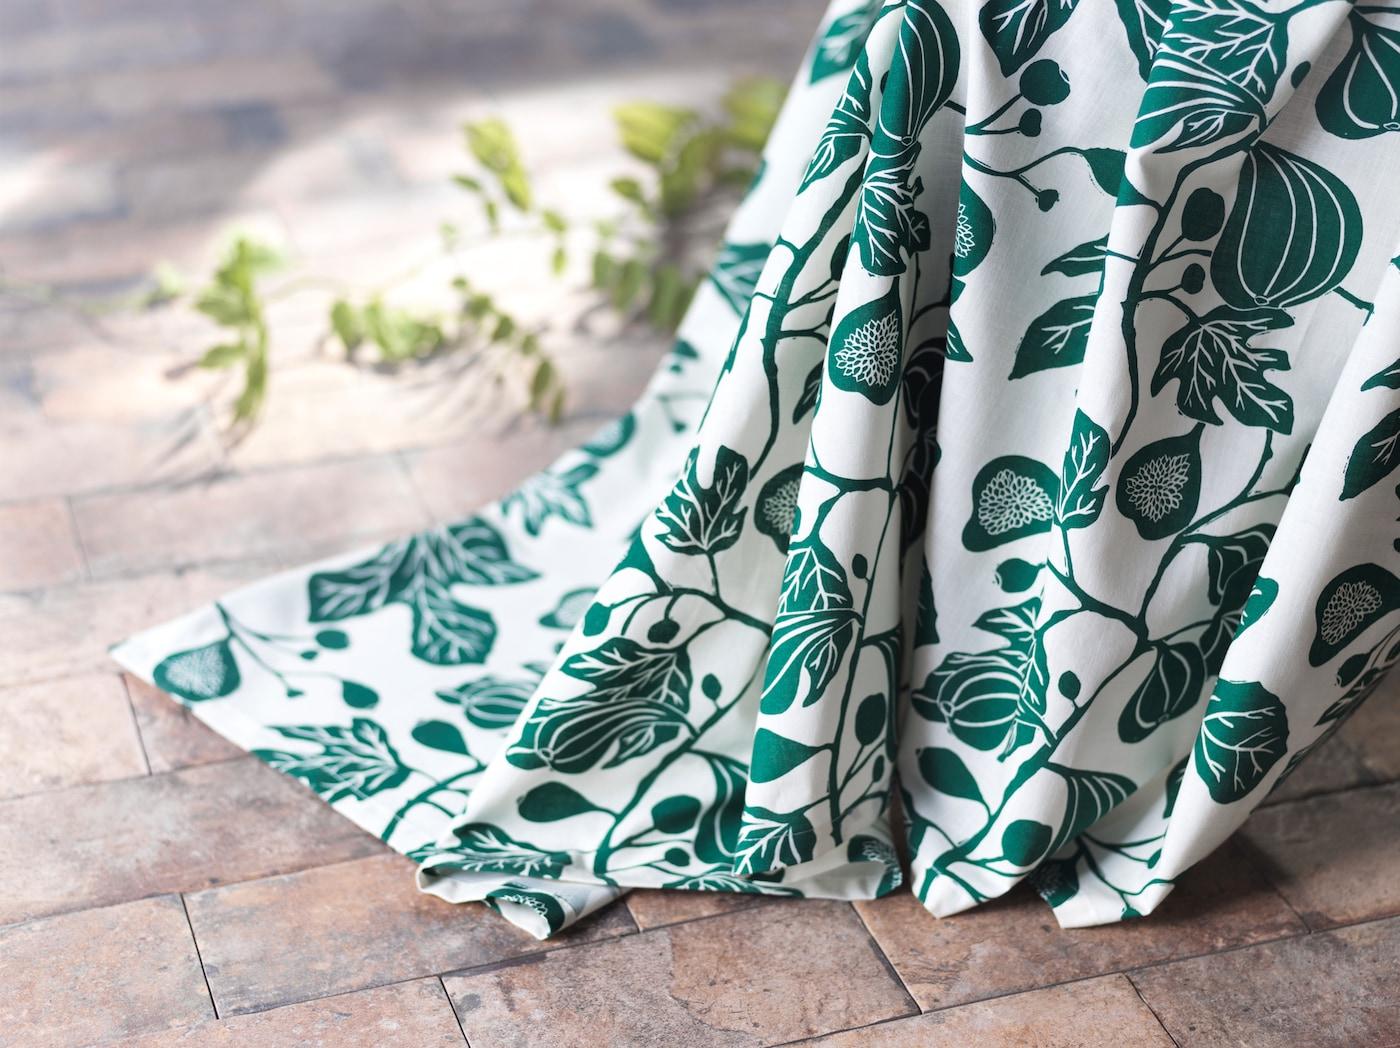 特写:白色和绿色的 ALPKLÖVER 奥普略福 拖地窗帘上饰有卷绕在一起的无花果叶子图案。